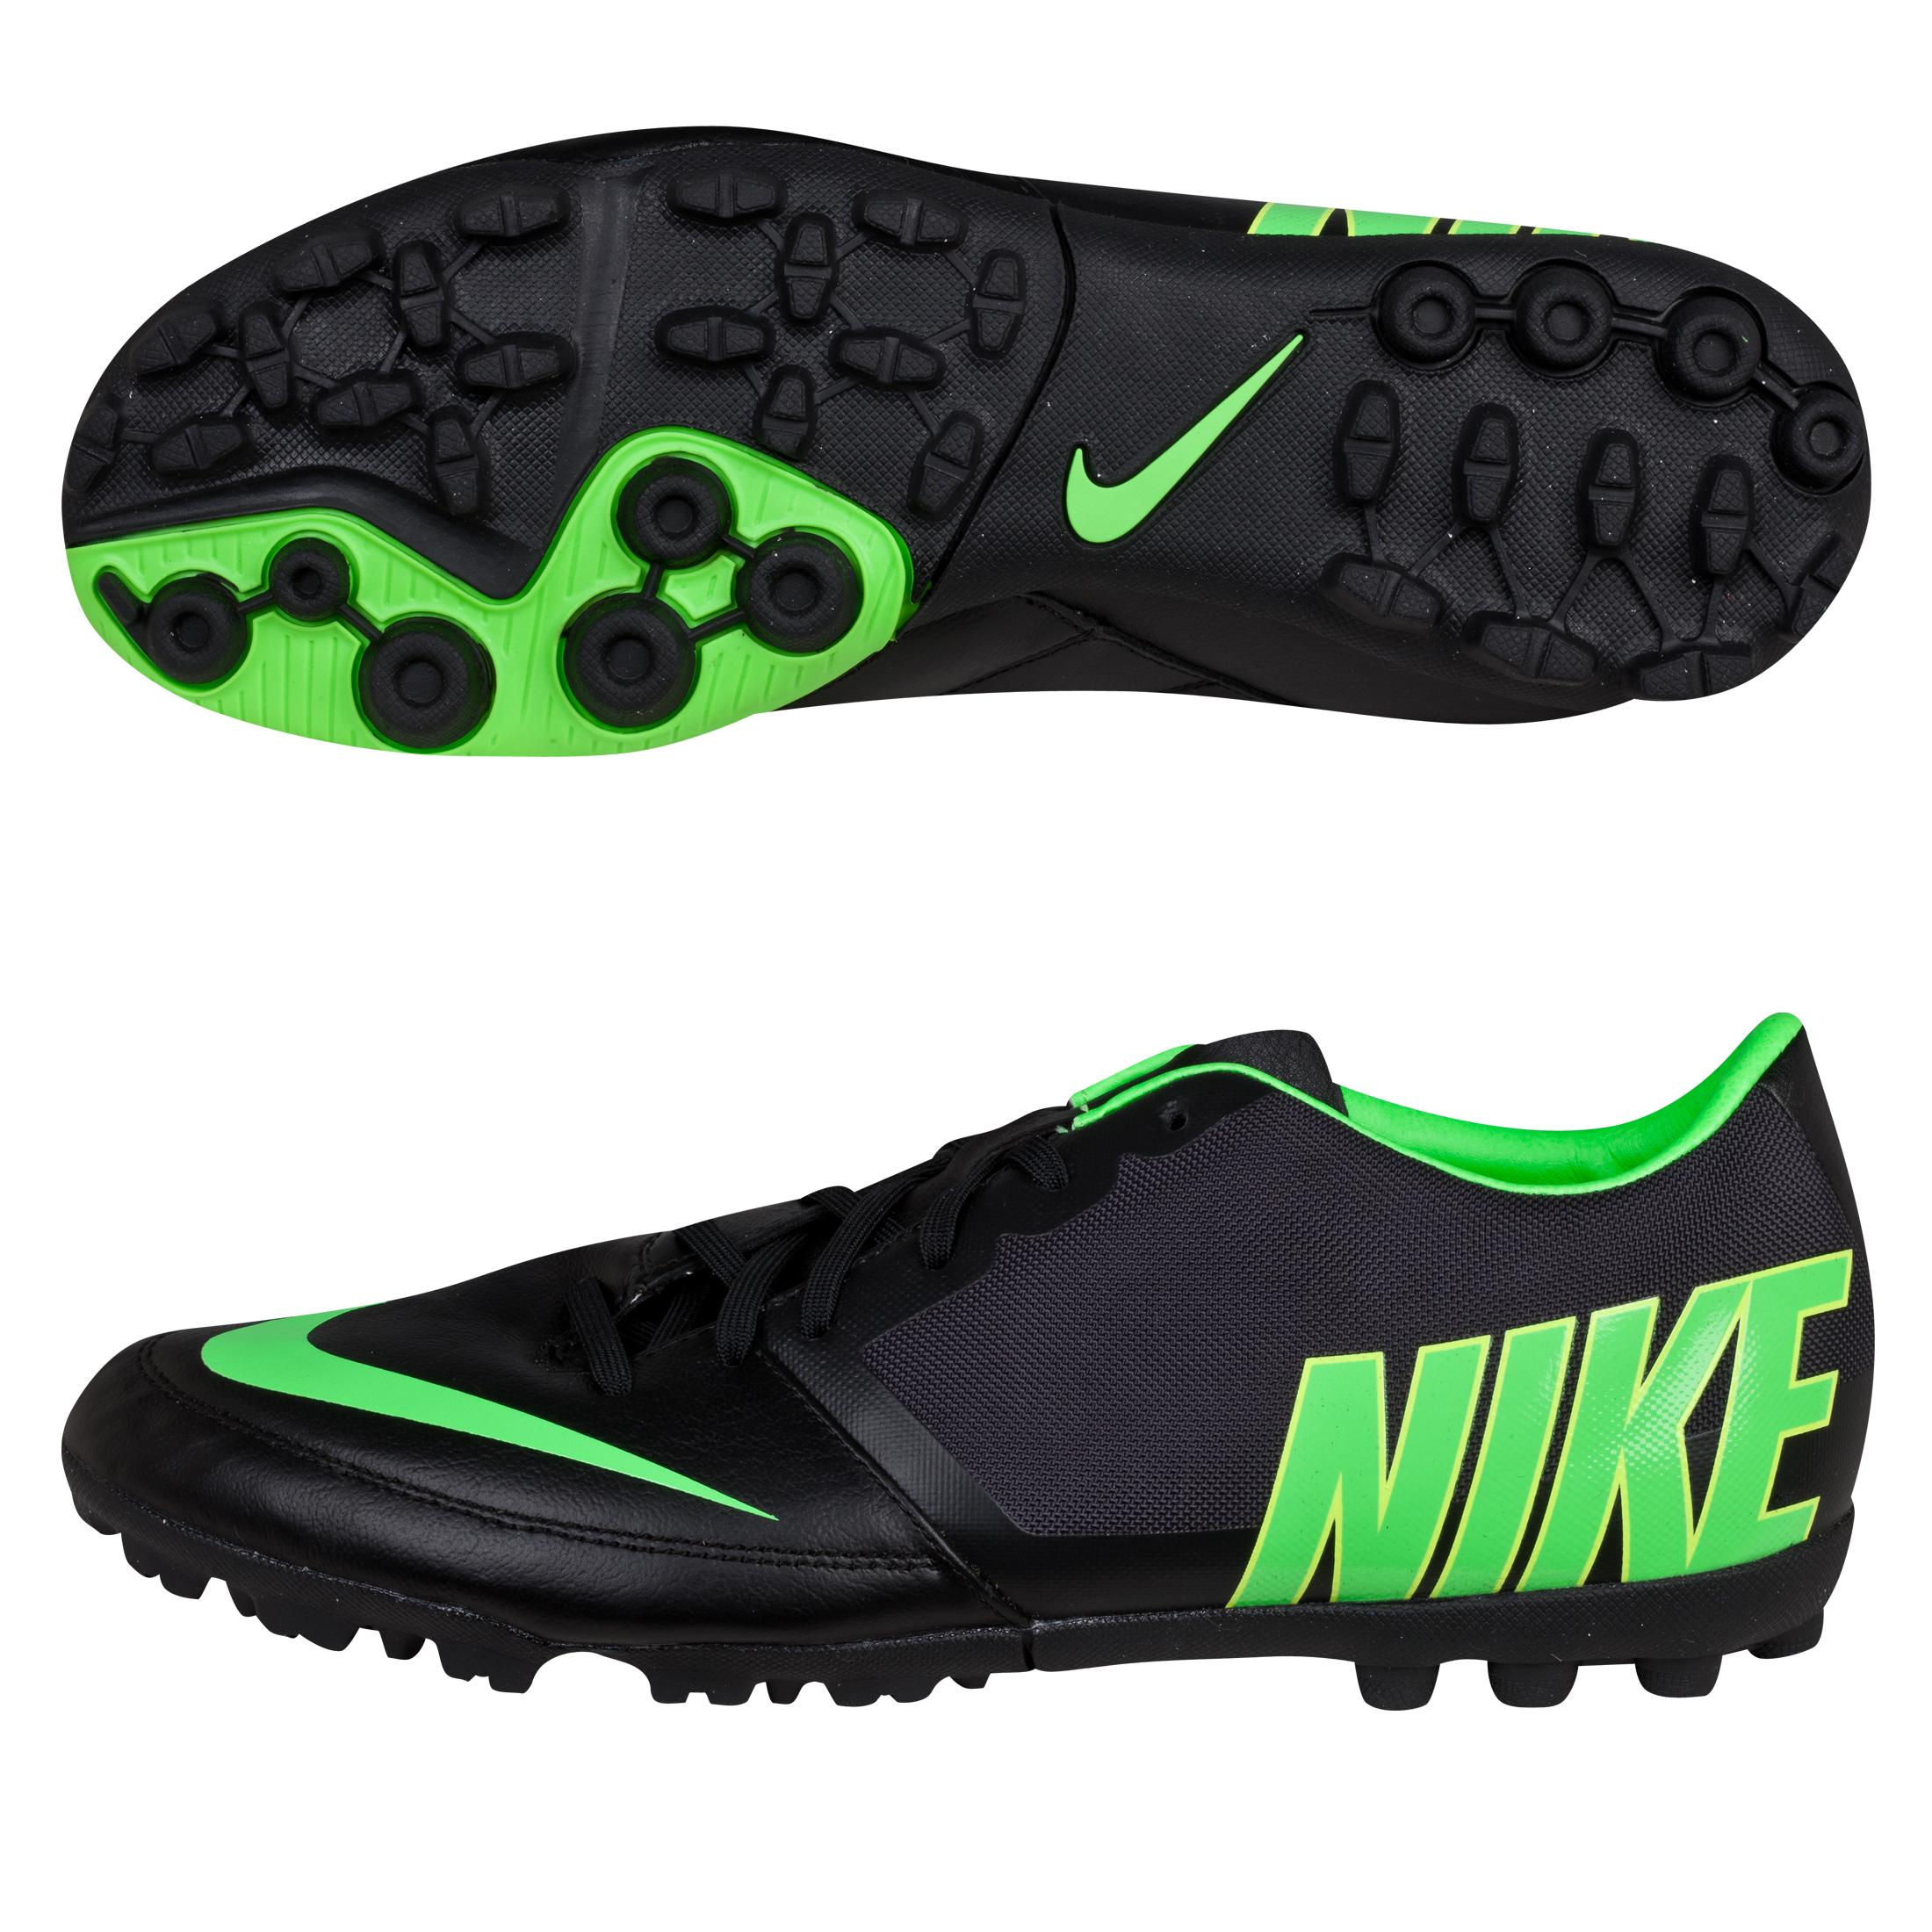 Nike Bomba Pro II Trainers-Black/Electric Green/Dark Charcoal Black